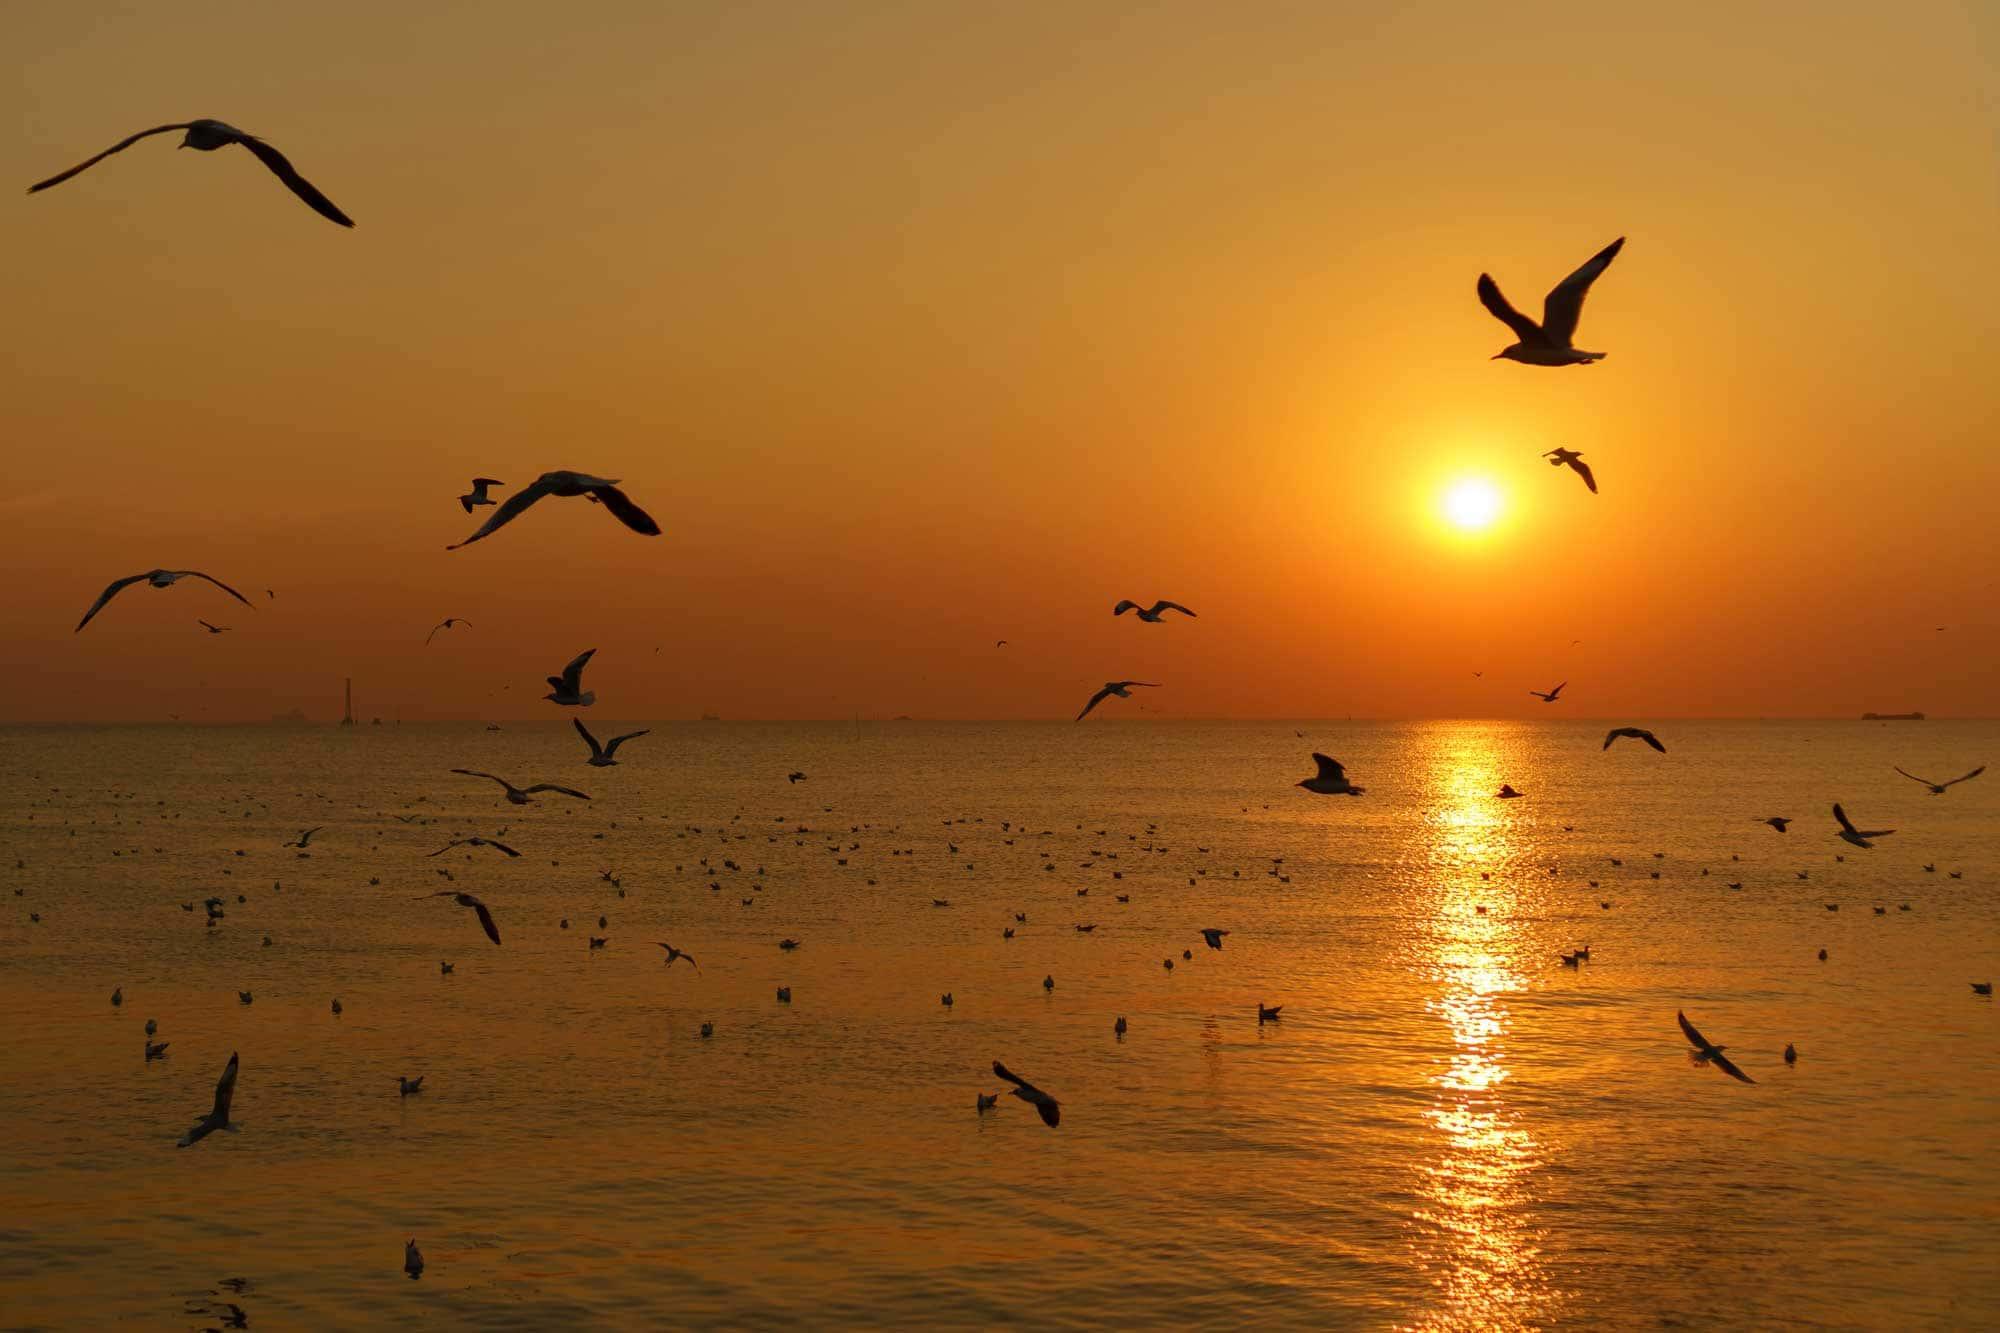 Groupe de mouettes silhouettes survolant la mer dans le ciel crépusculaire au coucher du soleil